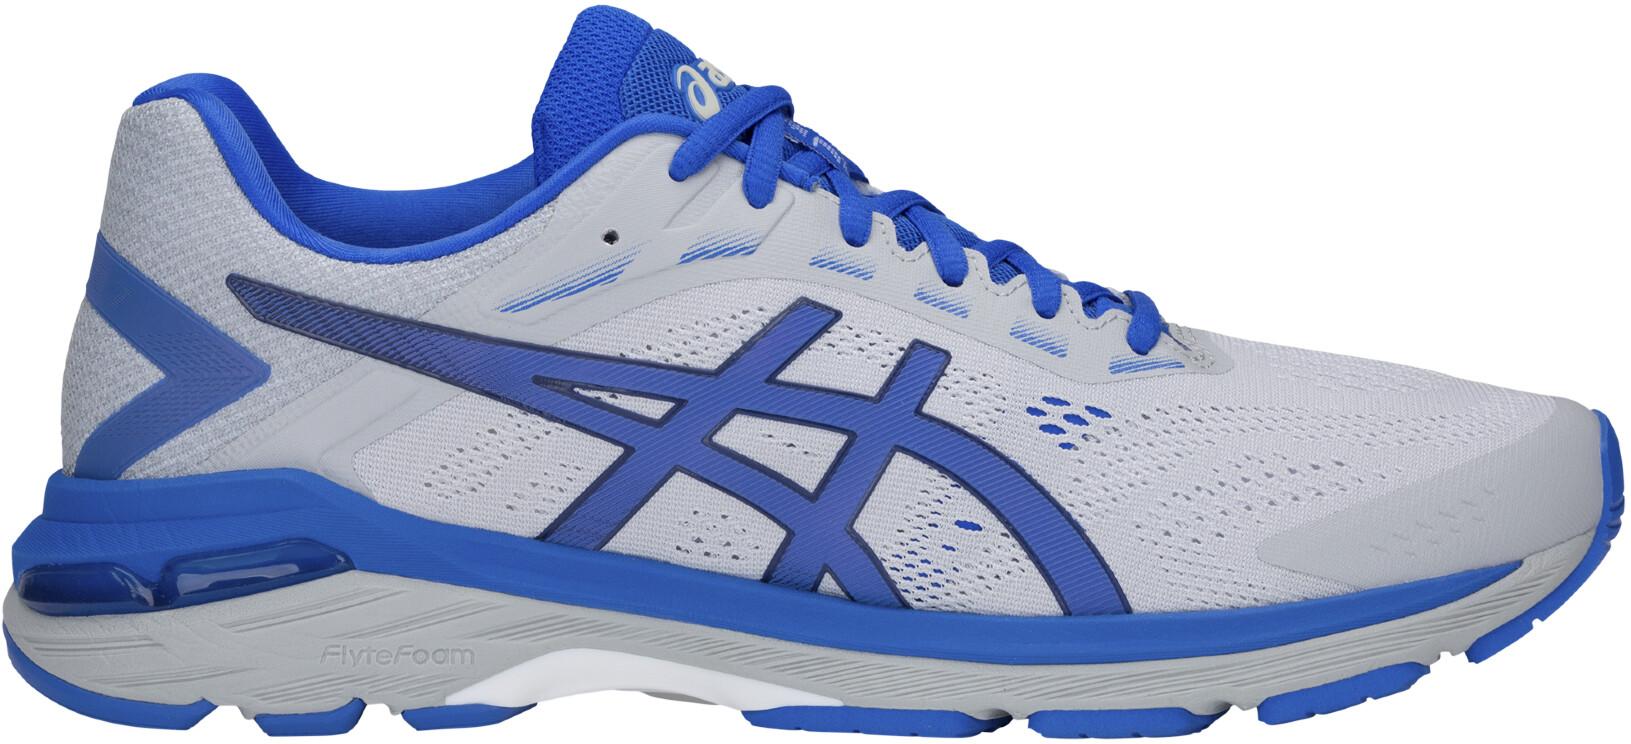 Gt Mid 7 Blue 2000 Shoes Lite Asics Show Men Greyillusion kXwOuTliPZ